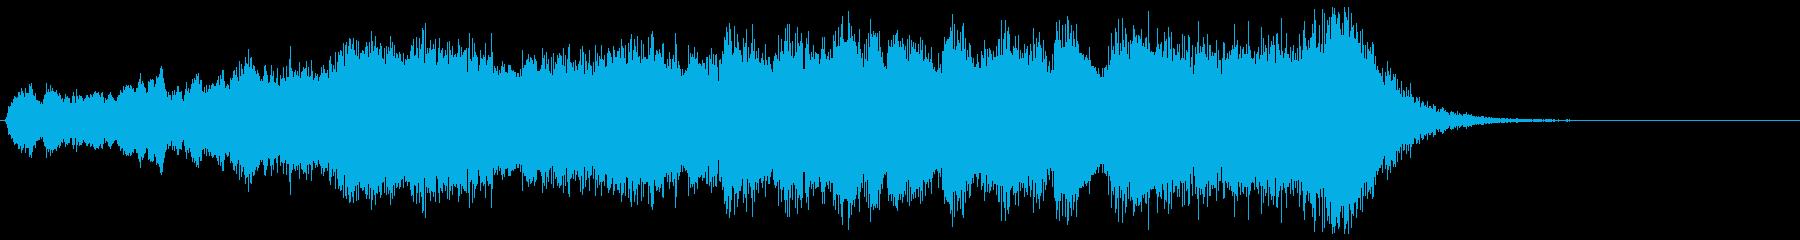 金管カノンが勇壮なフルオケジングル合唱抜の再生済みの波形